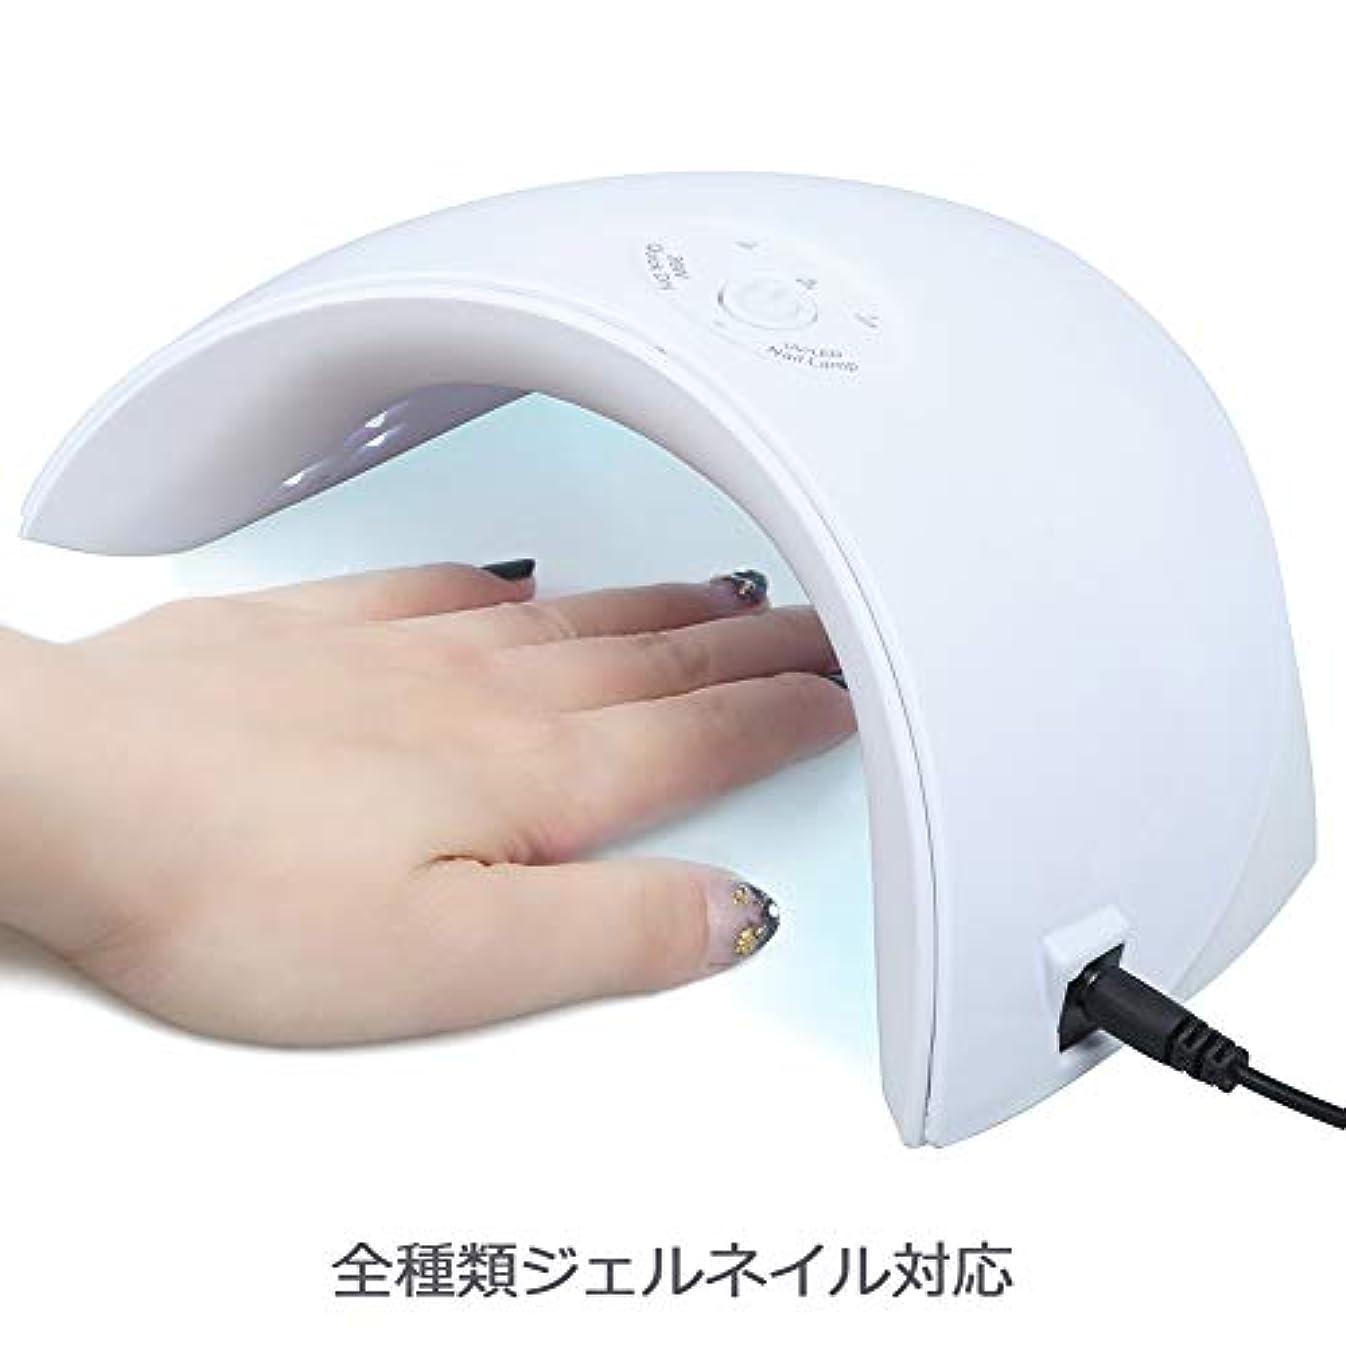 間違っているばか剥離Twinkle Store 36Wホワイト ネイルライト  硬化用UV/LEDライト ネイルドライヤー ネイル道具?ケアツール 硬化用ライト マニキュア ネイルアートツール